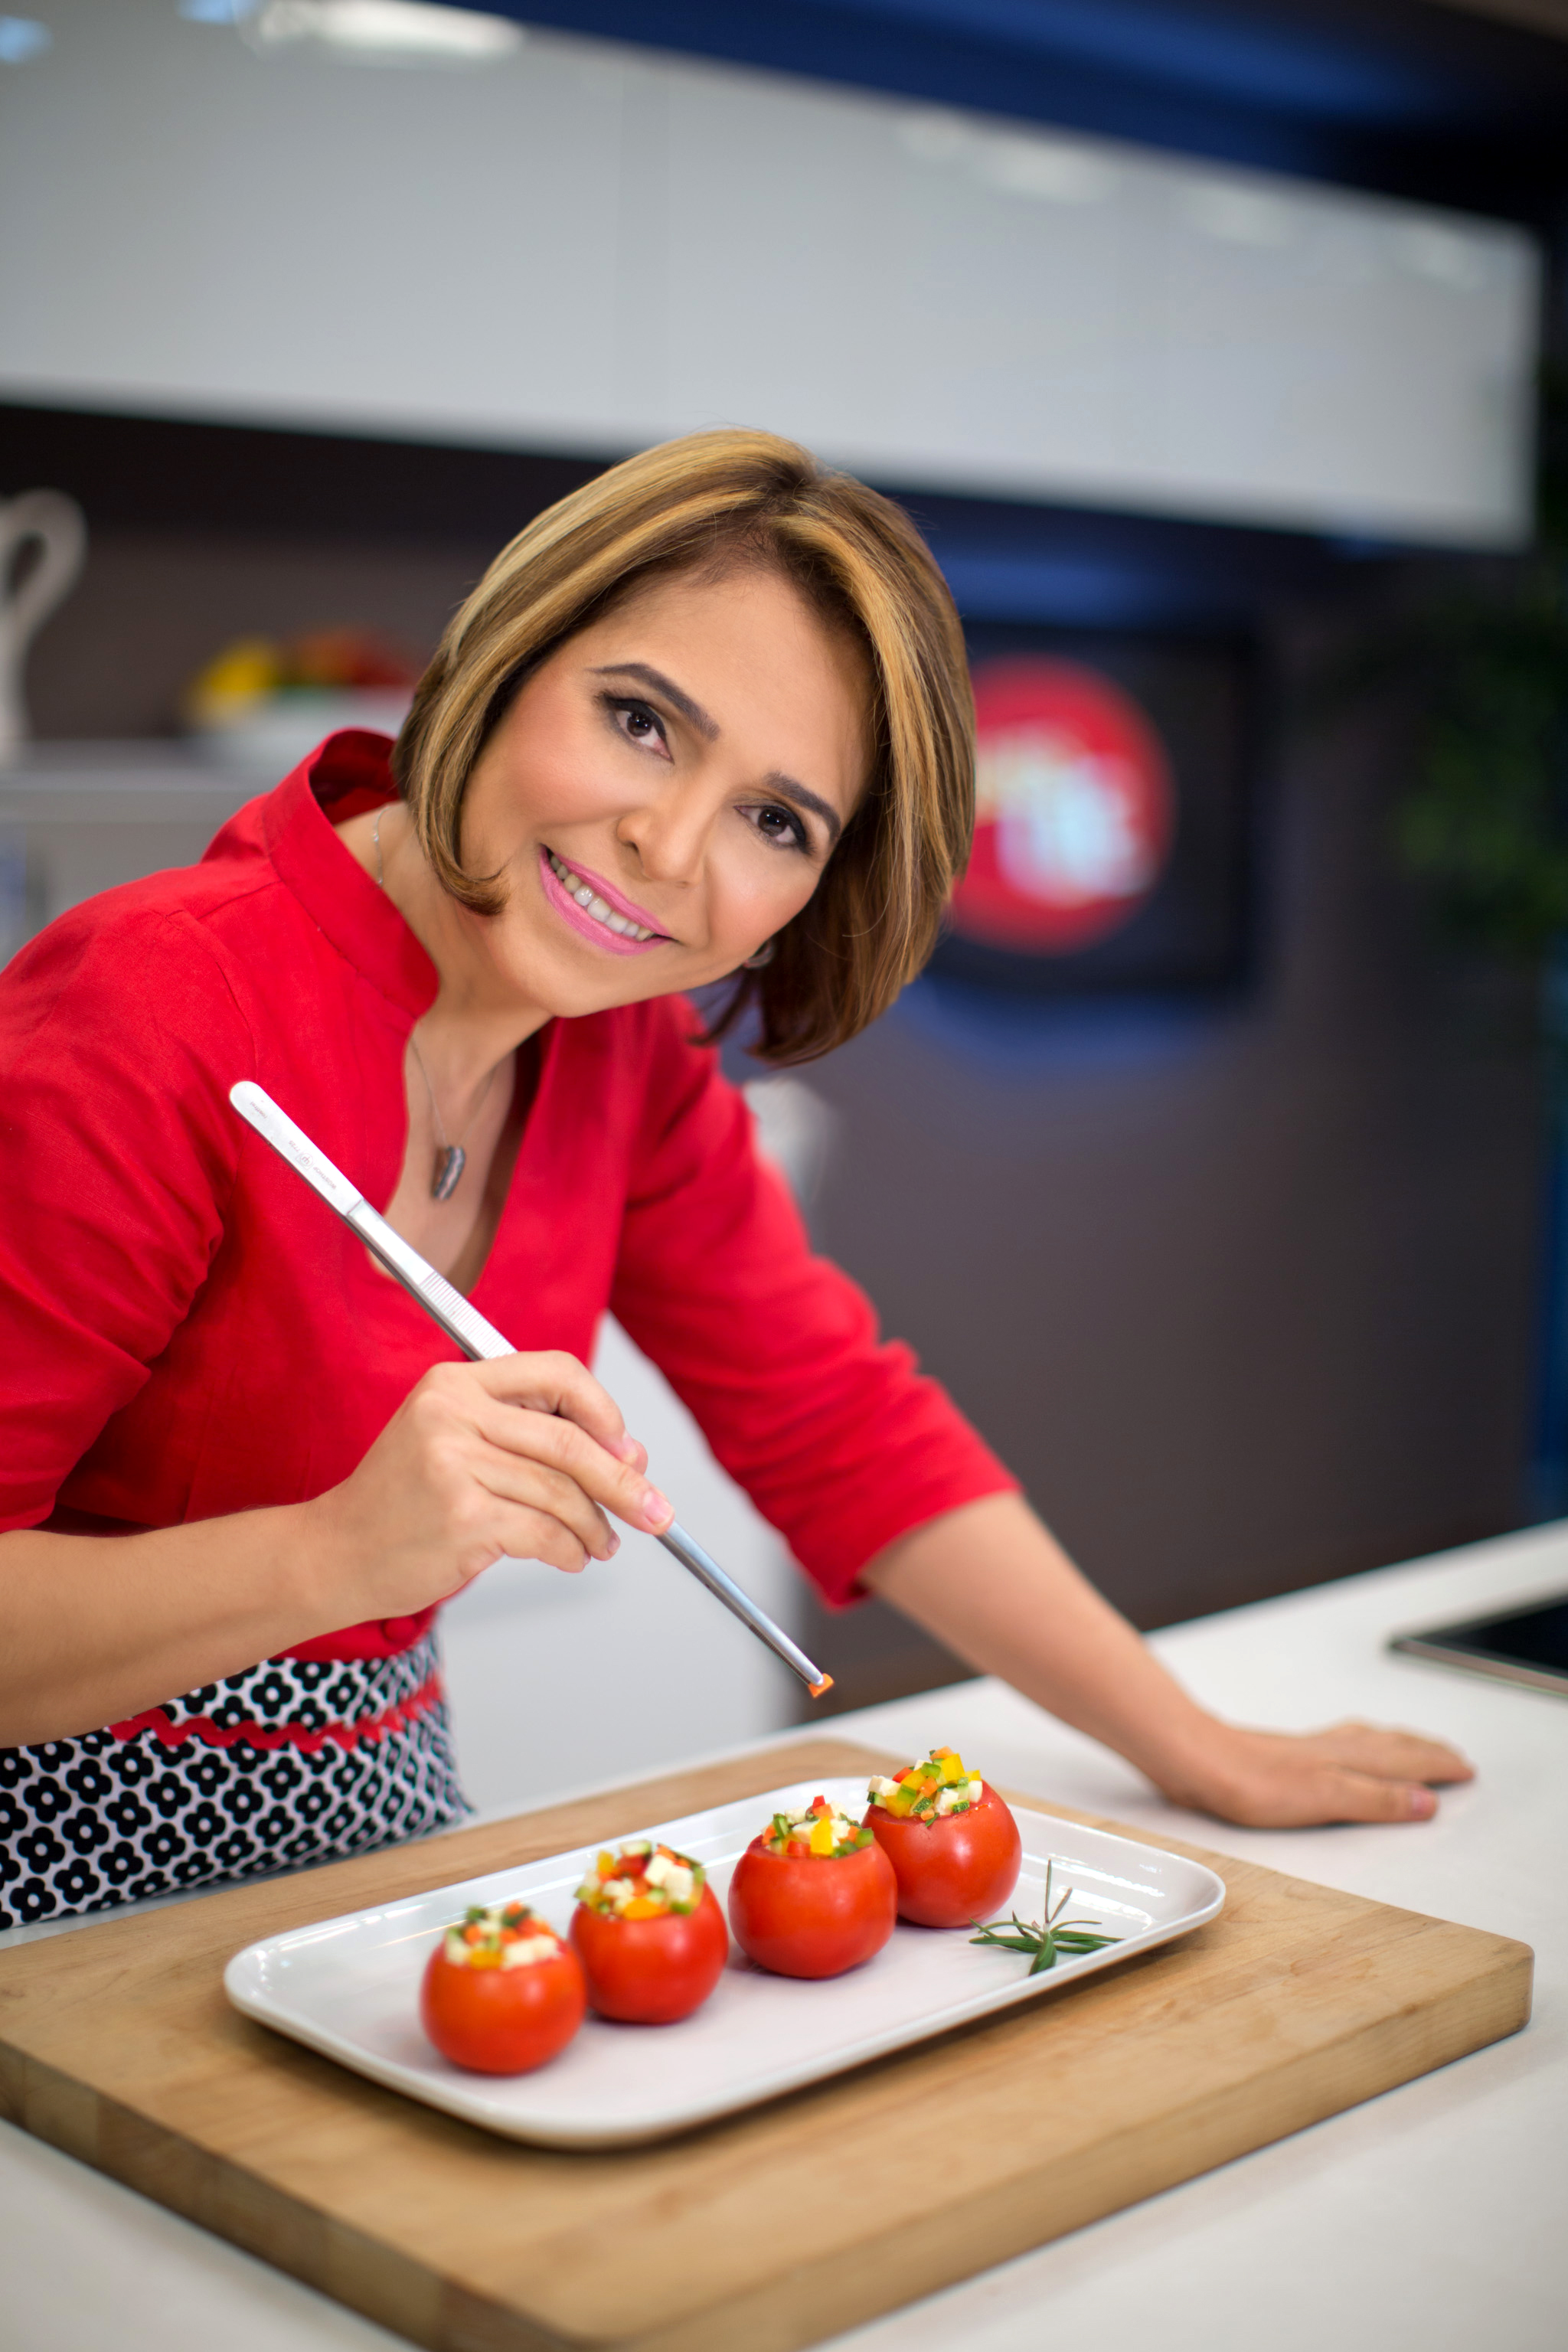 Nuevo programa tv clases de cocina con jacqueline cocina for Programas de cocina